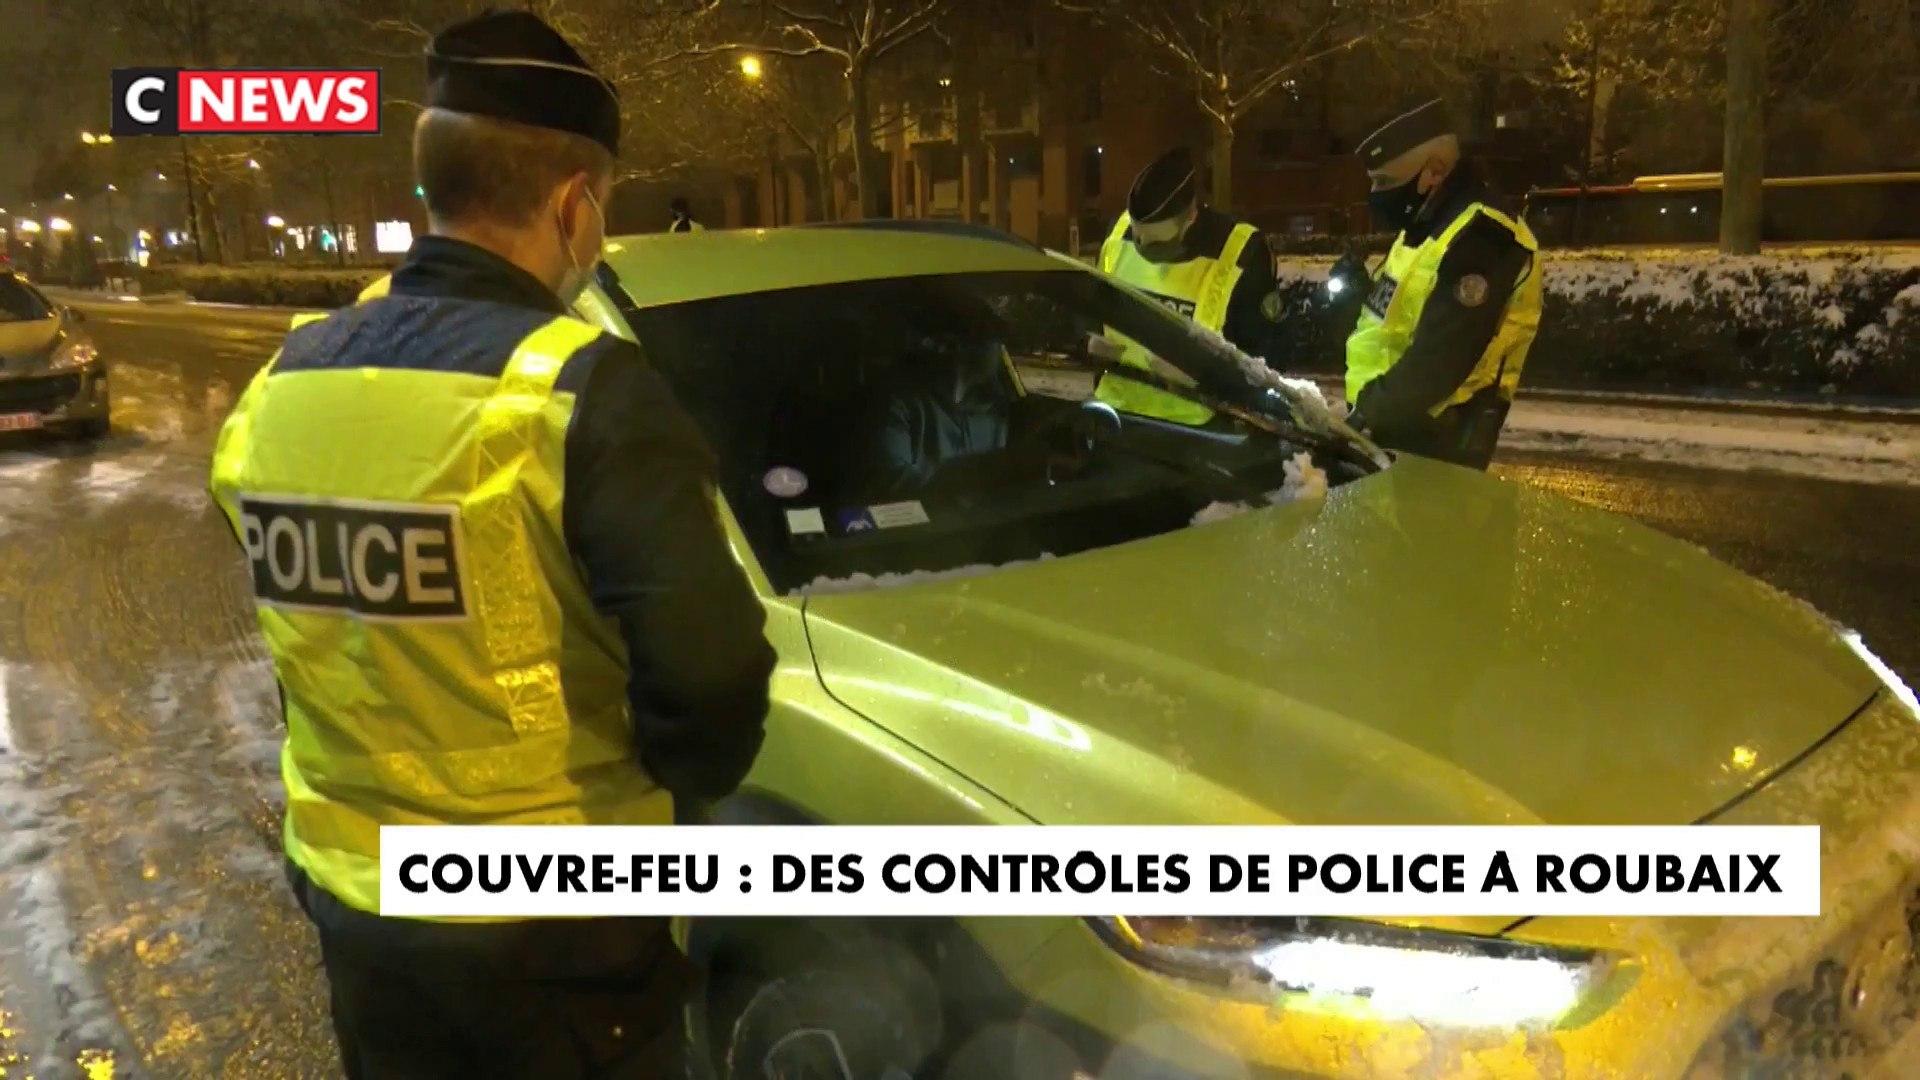 Couvre-feu : des contrôles de police à Roubaix